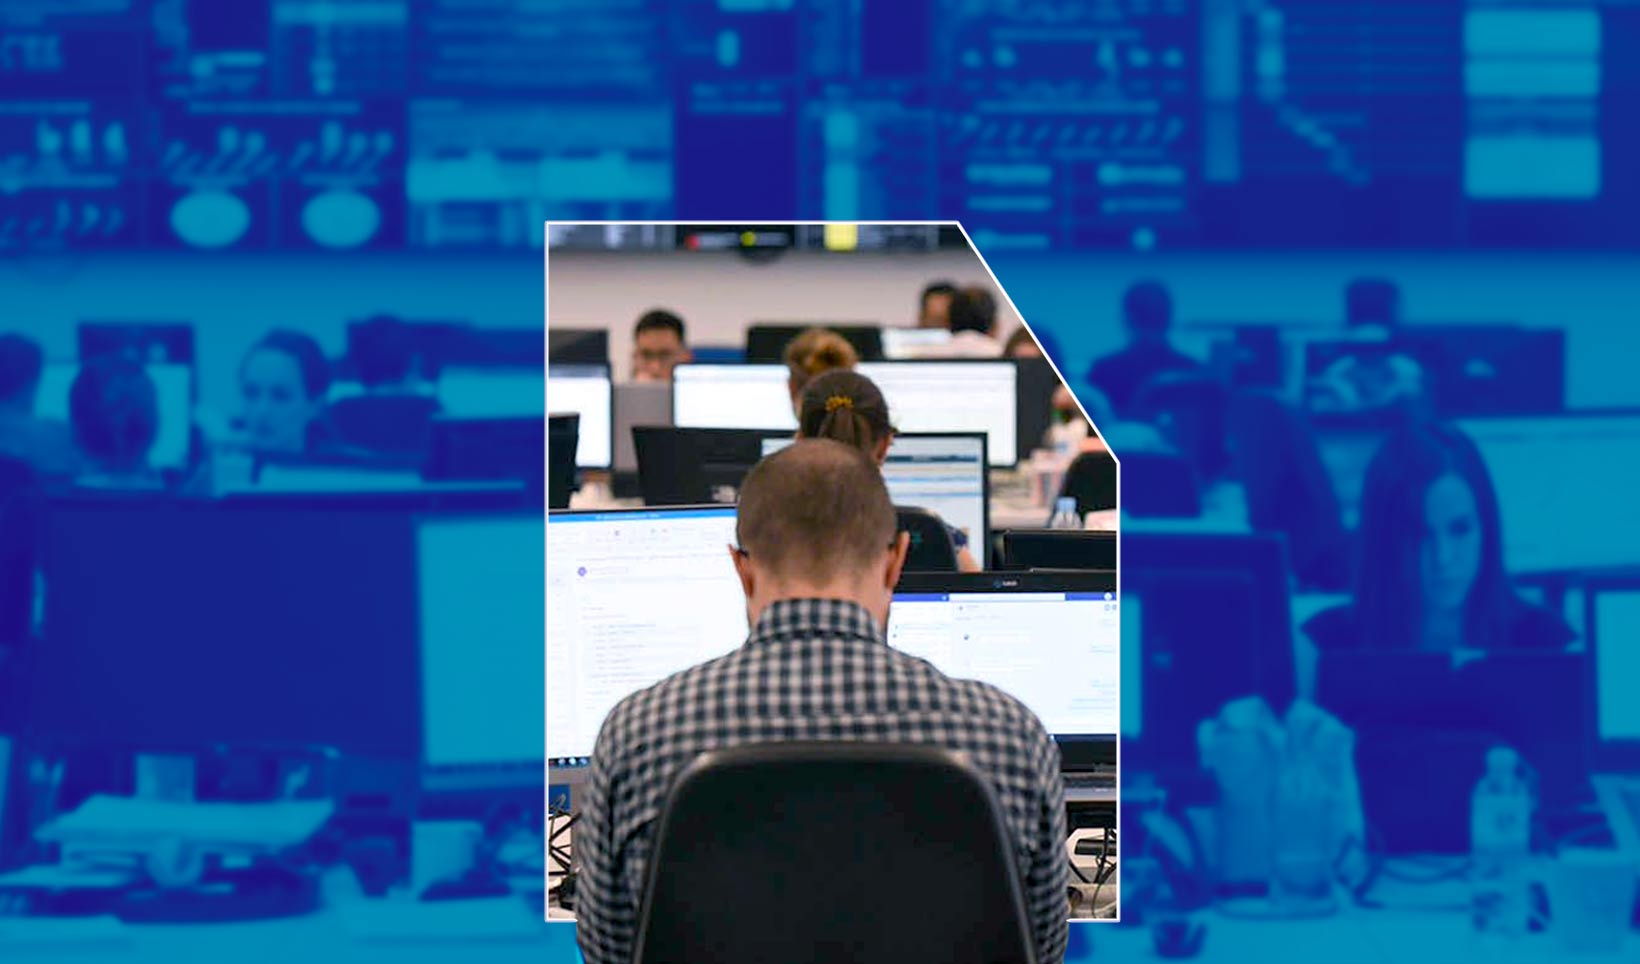 El SOC, nuestro Centro de Operaciones de Seguridad desde el que provisionamos la arquitectura de seguridad de los clientes con un servicio 24x7, los 365 días del año.